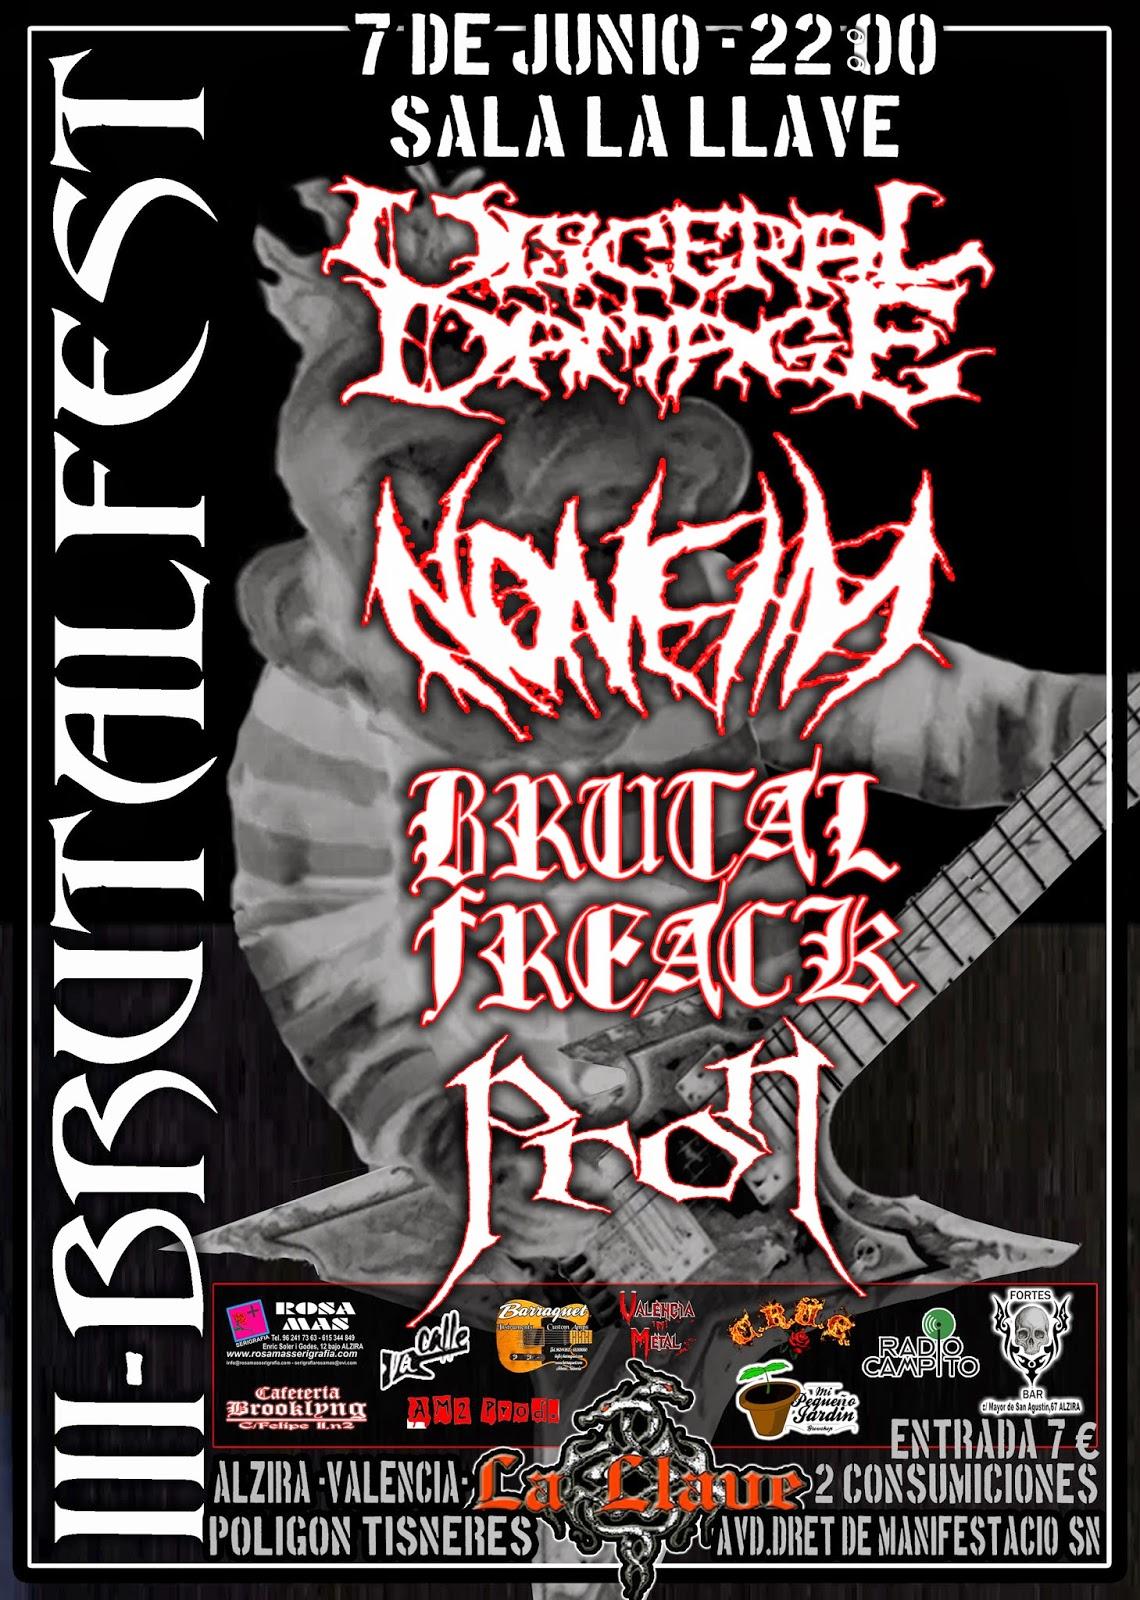 http://brutalf.blogspot.com.es/